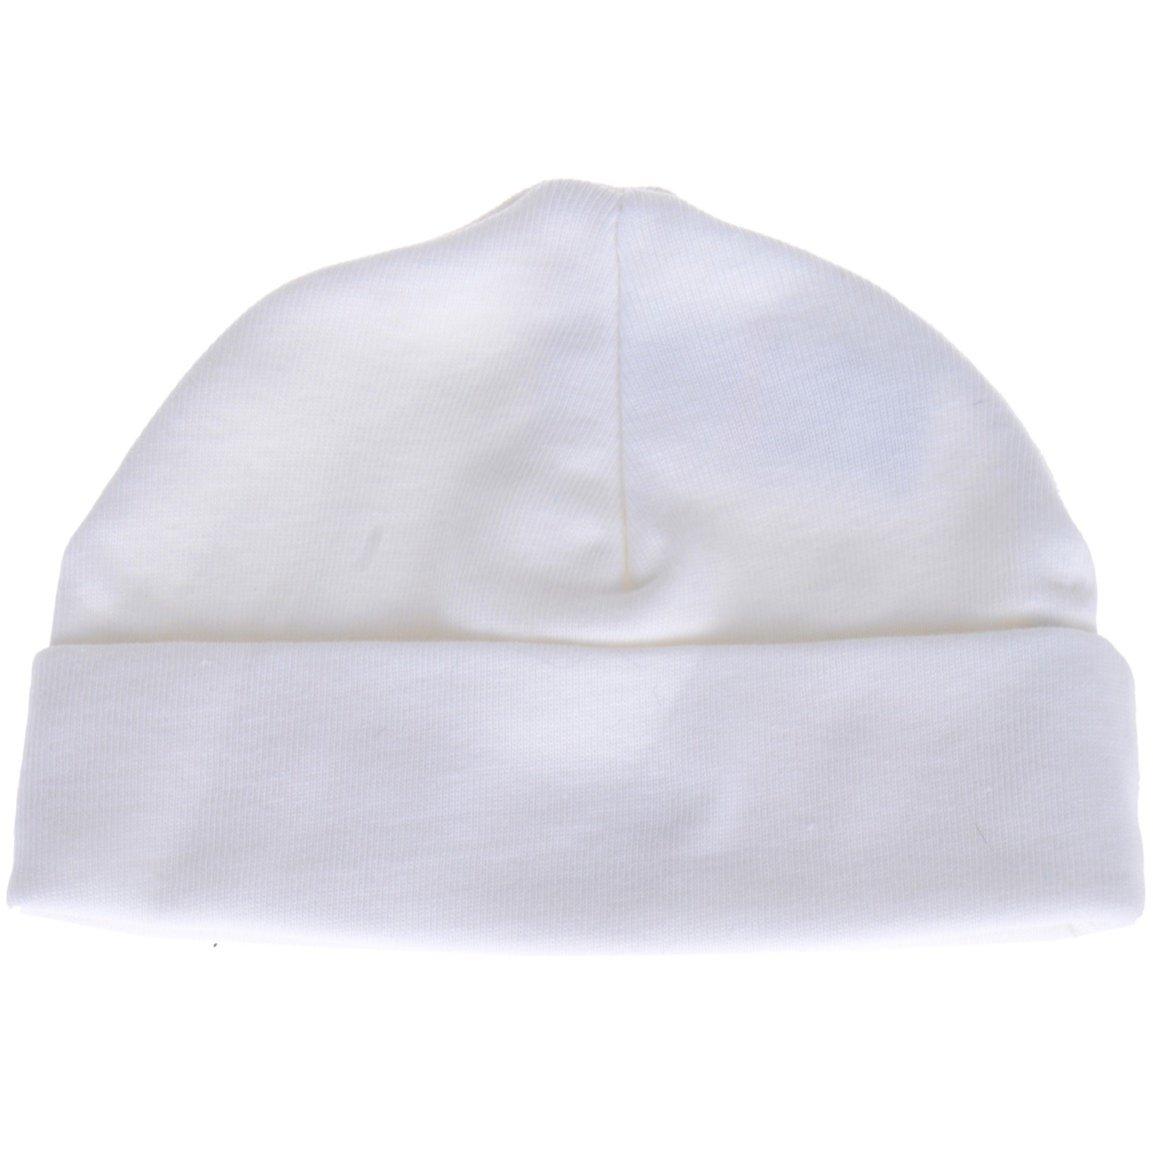 AZ βρεφικό σκουφάκι νεογνού «White Cap»